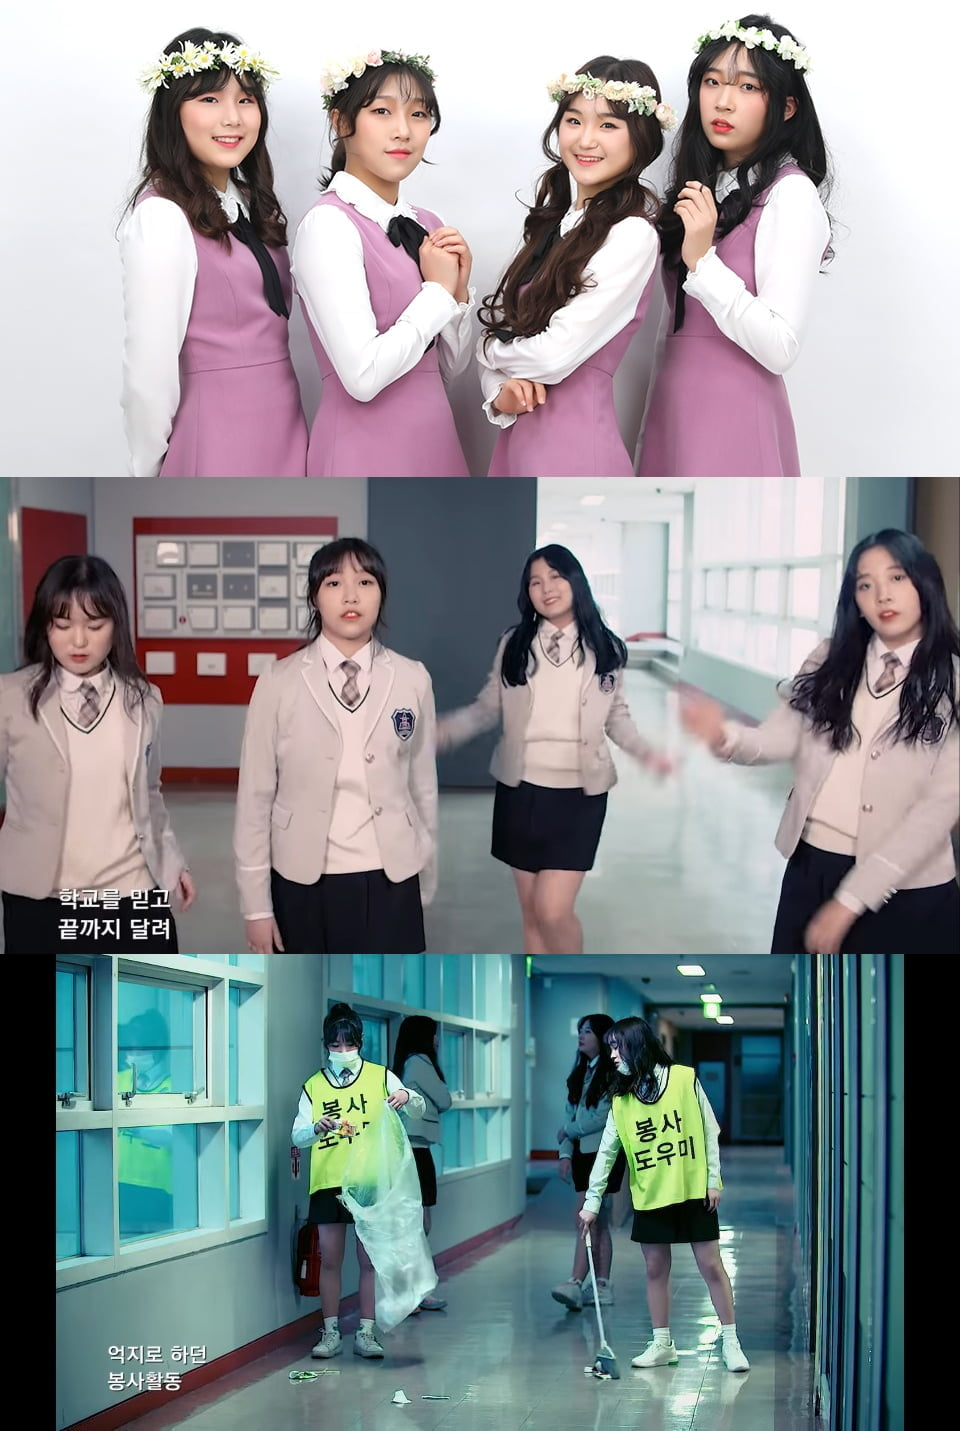 걸그룹 하이큐티, 웹드 `너를 좋아할 수밖에 없는 이유` OST 참여